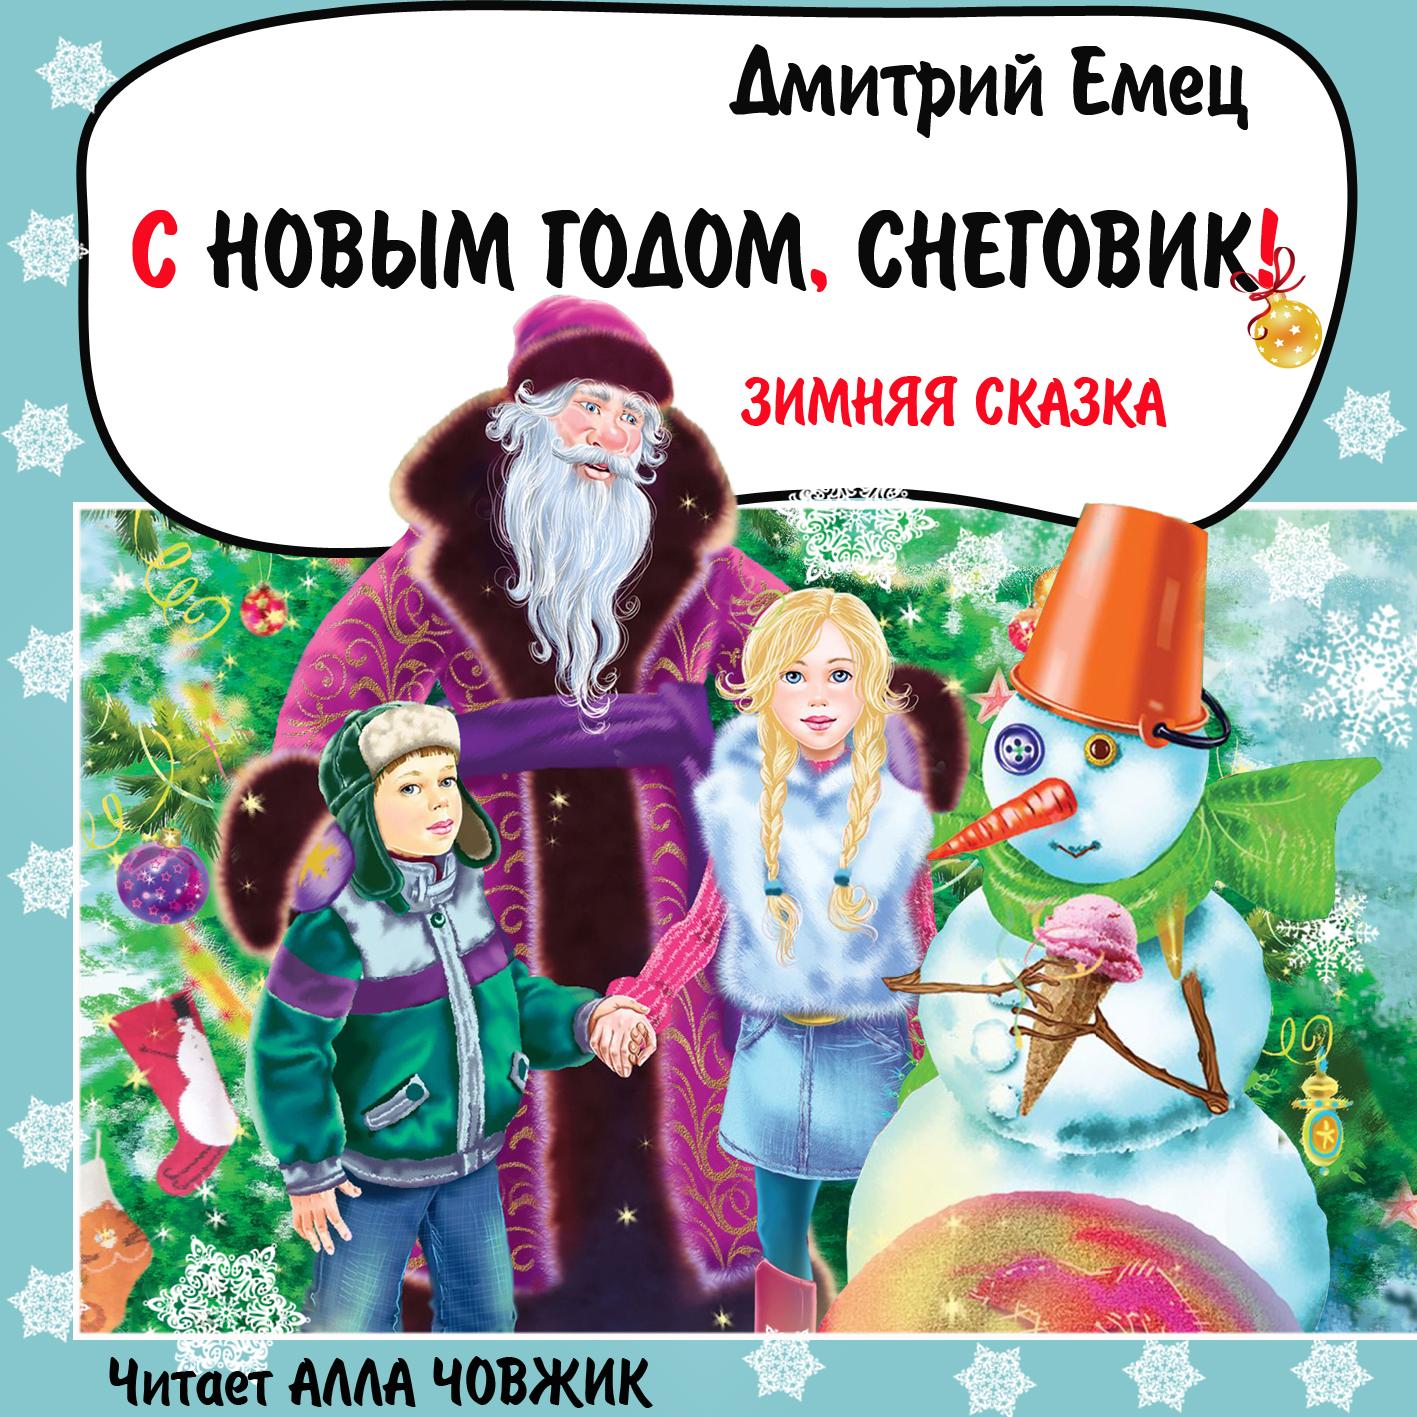 С Новым годом, снеговик!